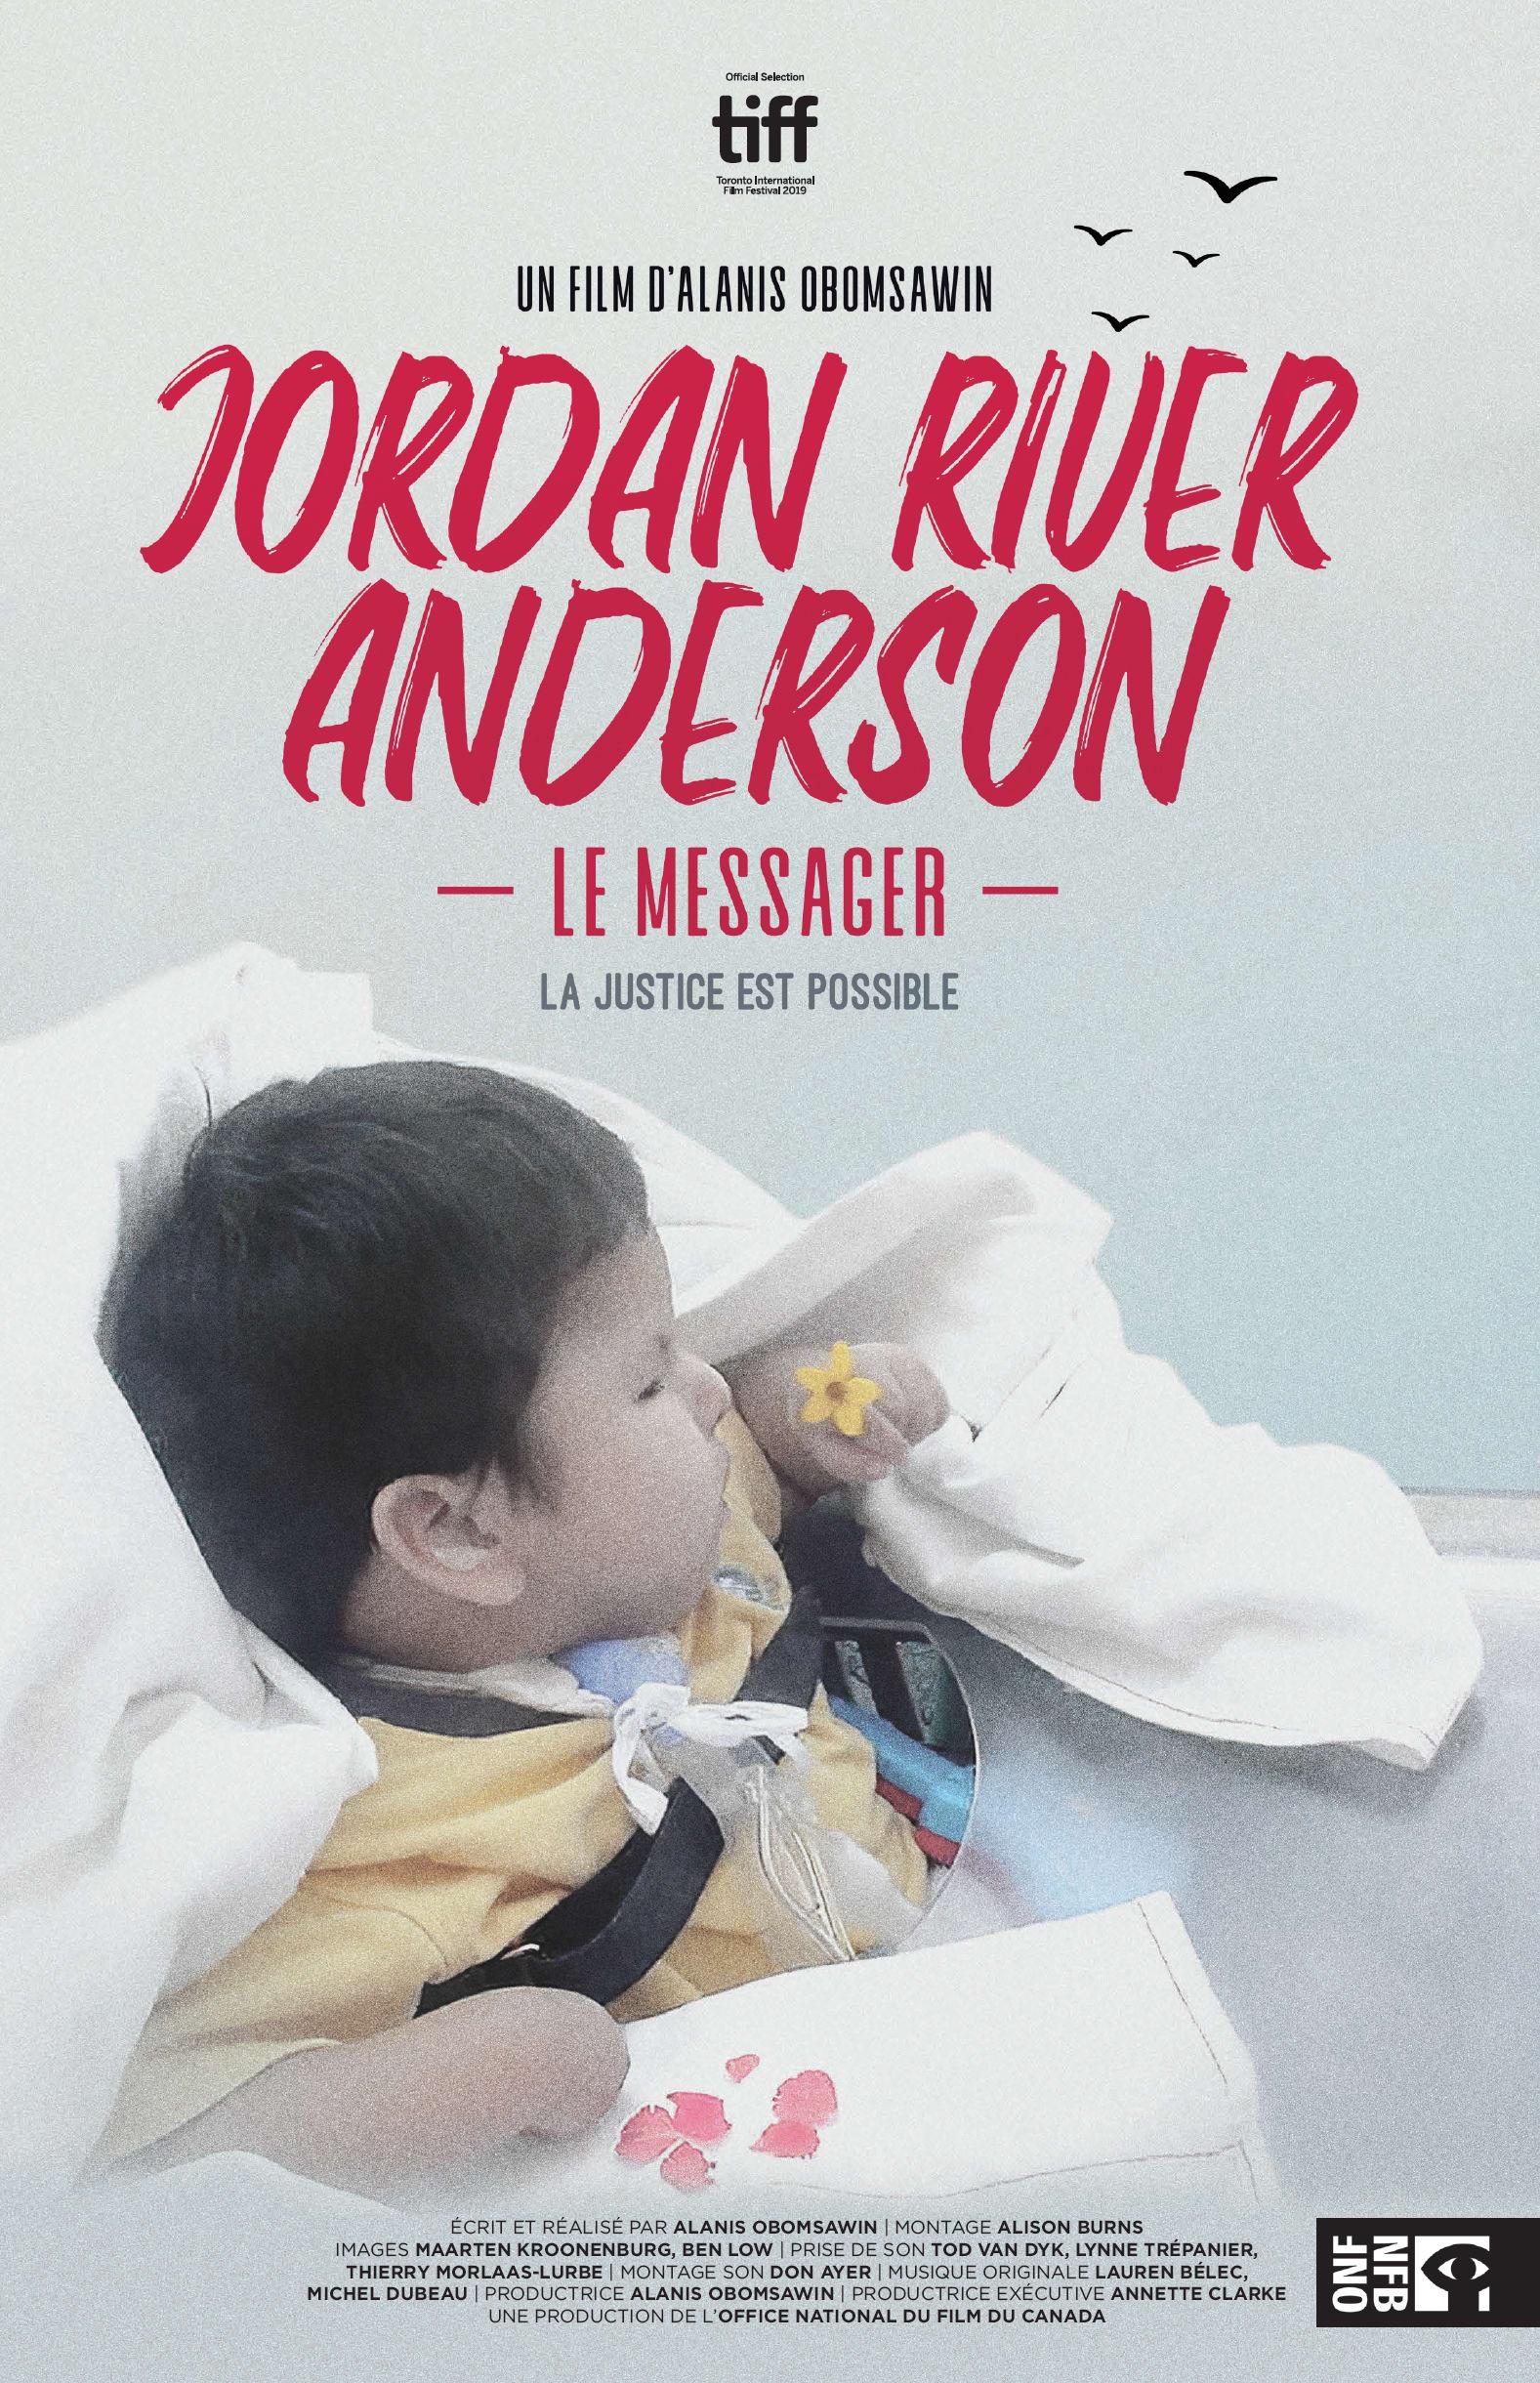 Affiche du documentaire Jordan River Anderson, le messager de Alanis Obomsawin.